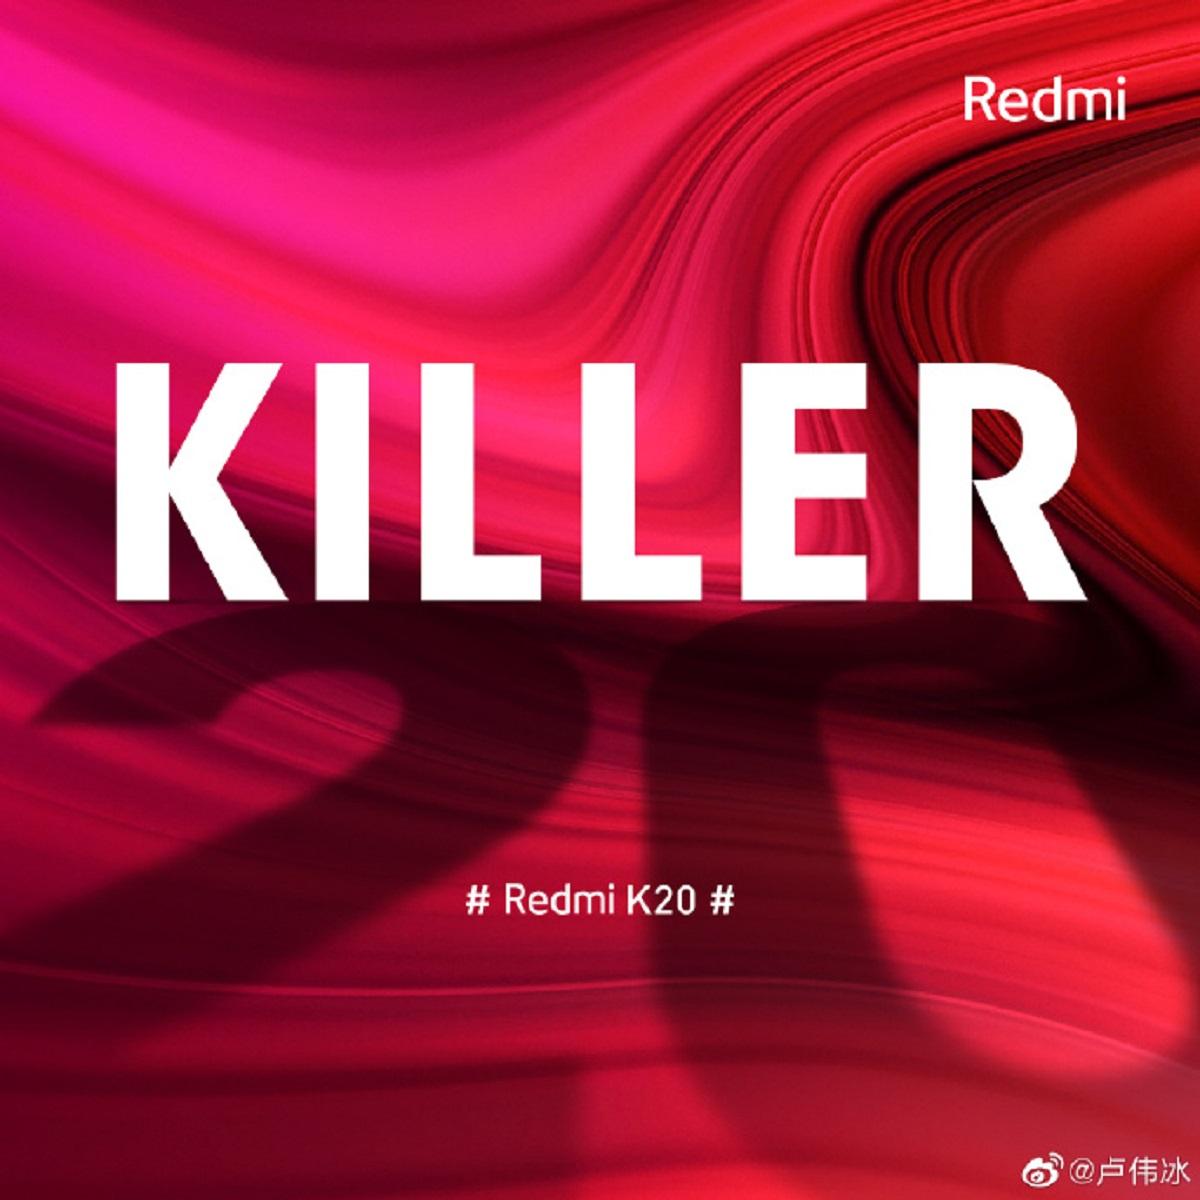 Redmi K20 : le fleuron au Snapdragon 855 serait anormalement puissant